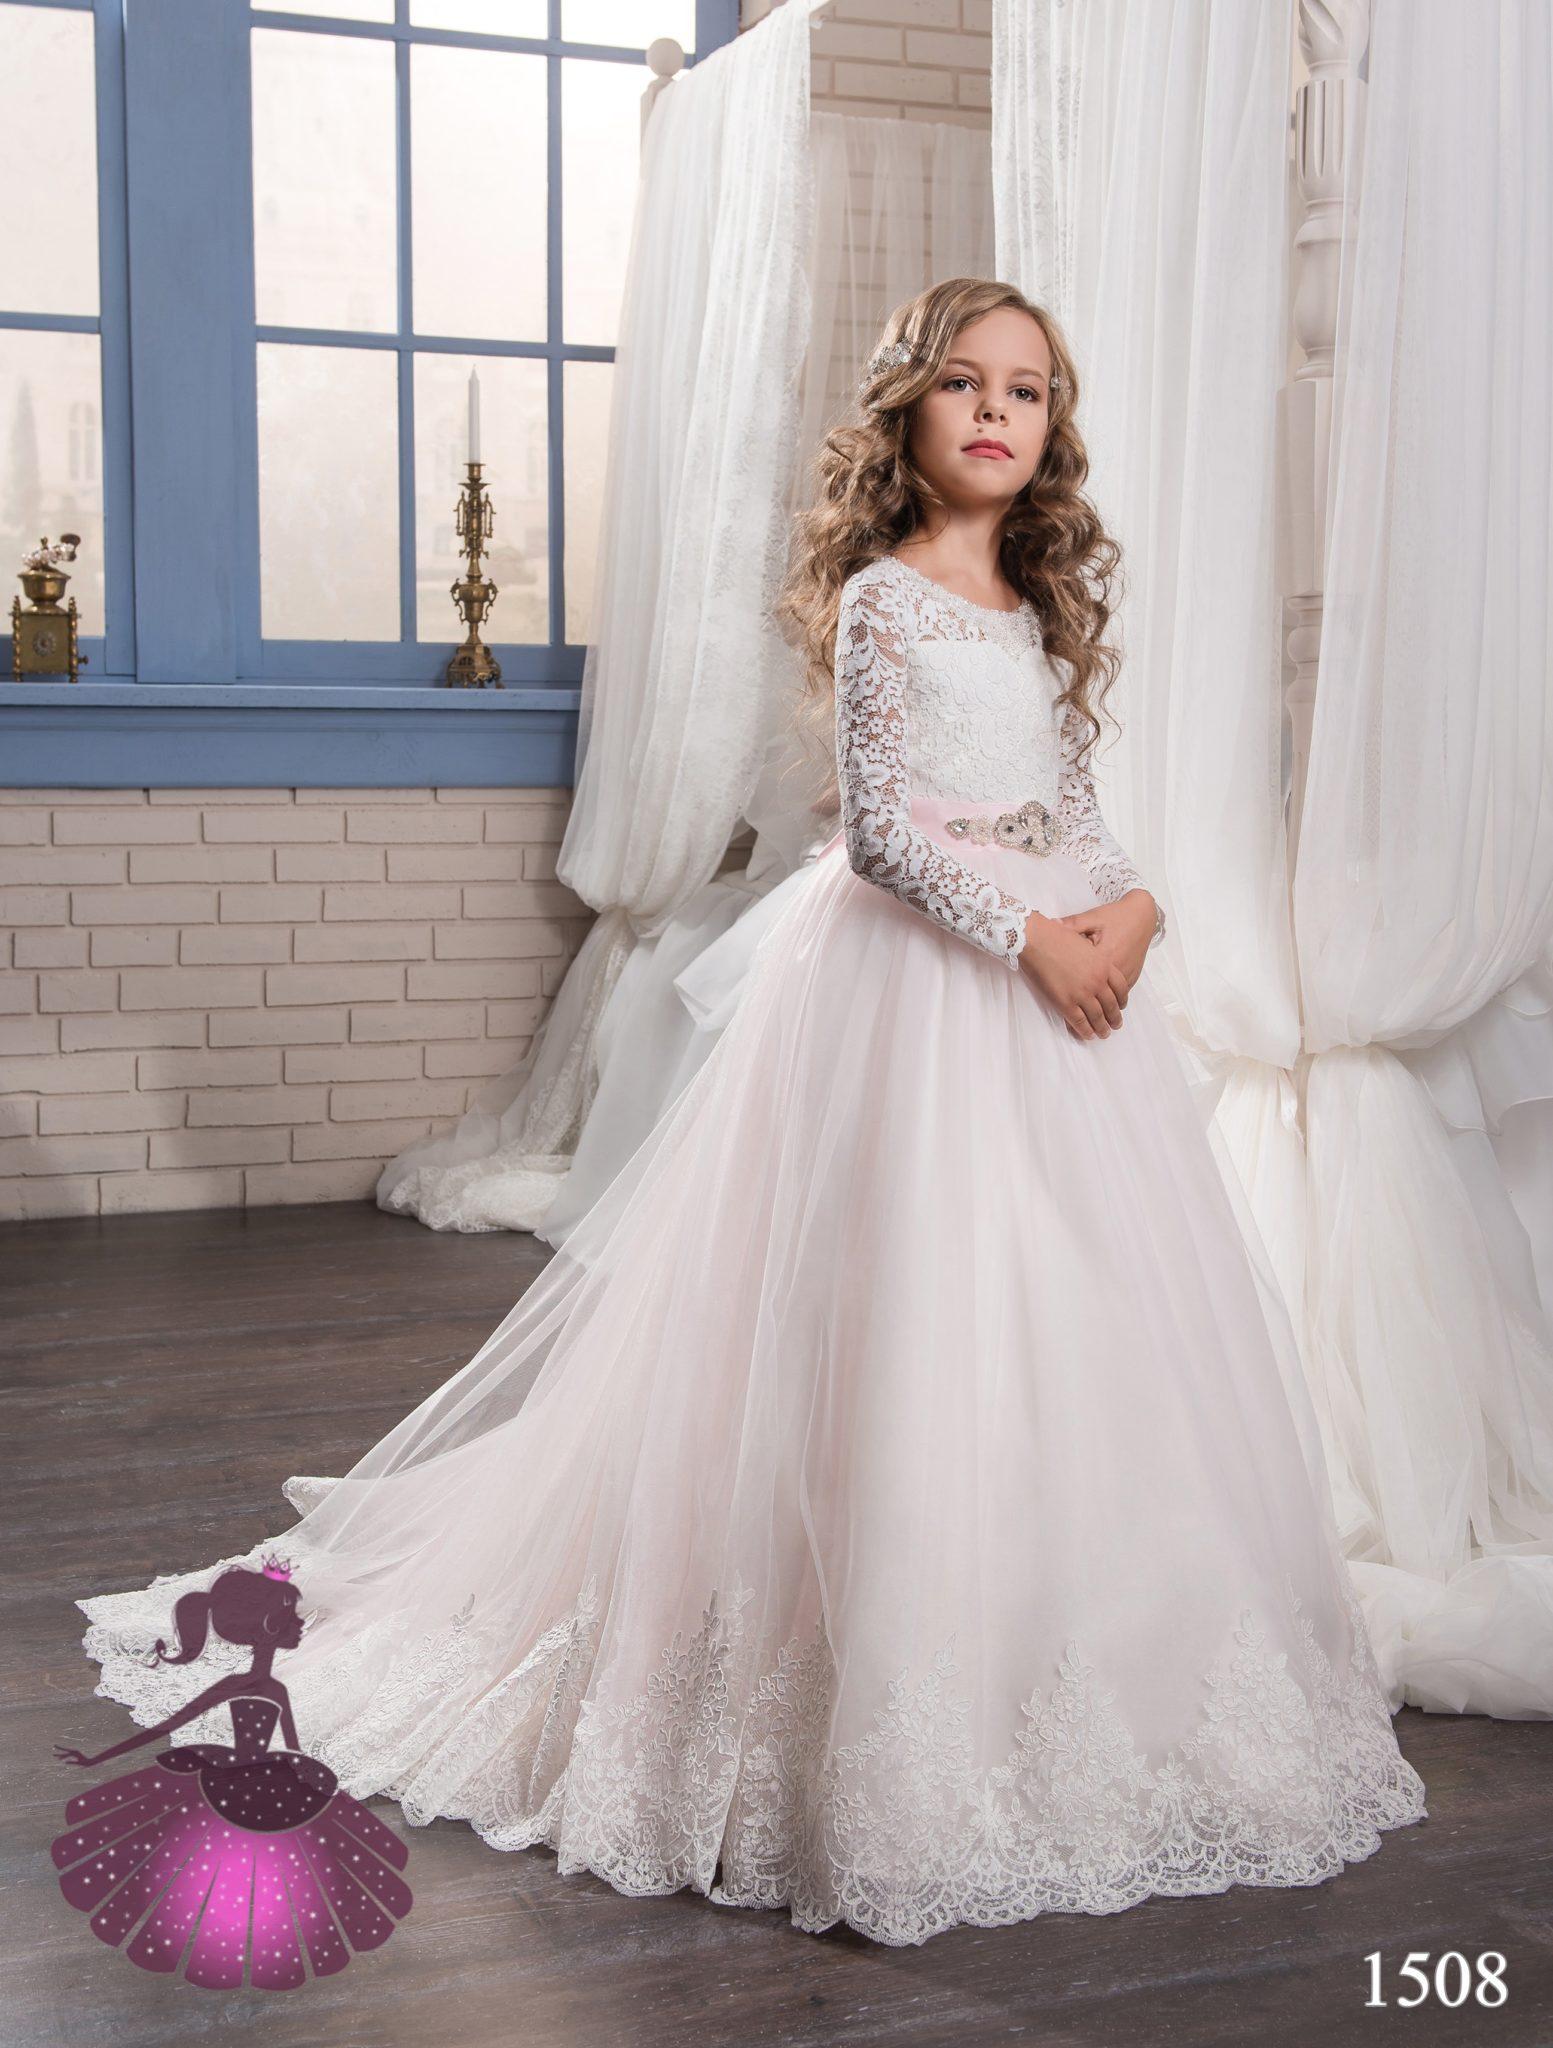 Аренда платьев Little queen dress в фотостудии Frontpage 1508 (1)